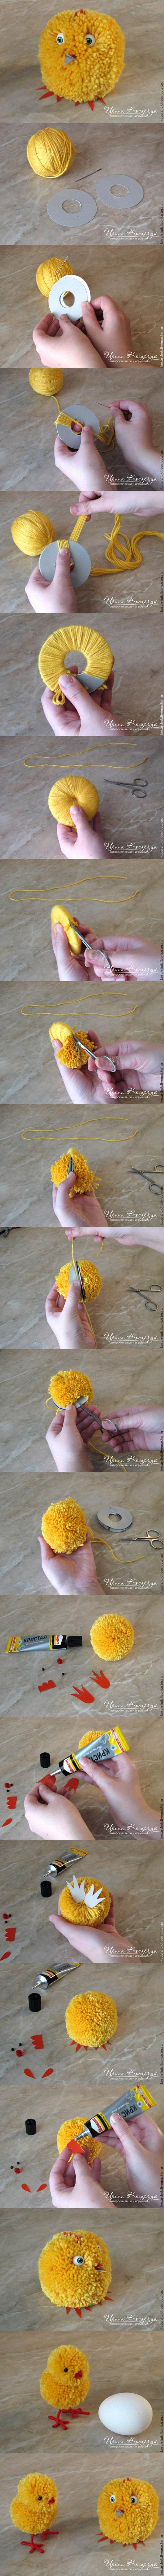 DIY-Cute-Pom-Pom-Easter-Chicks-1